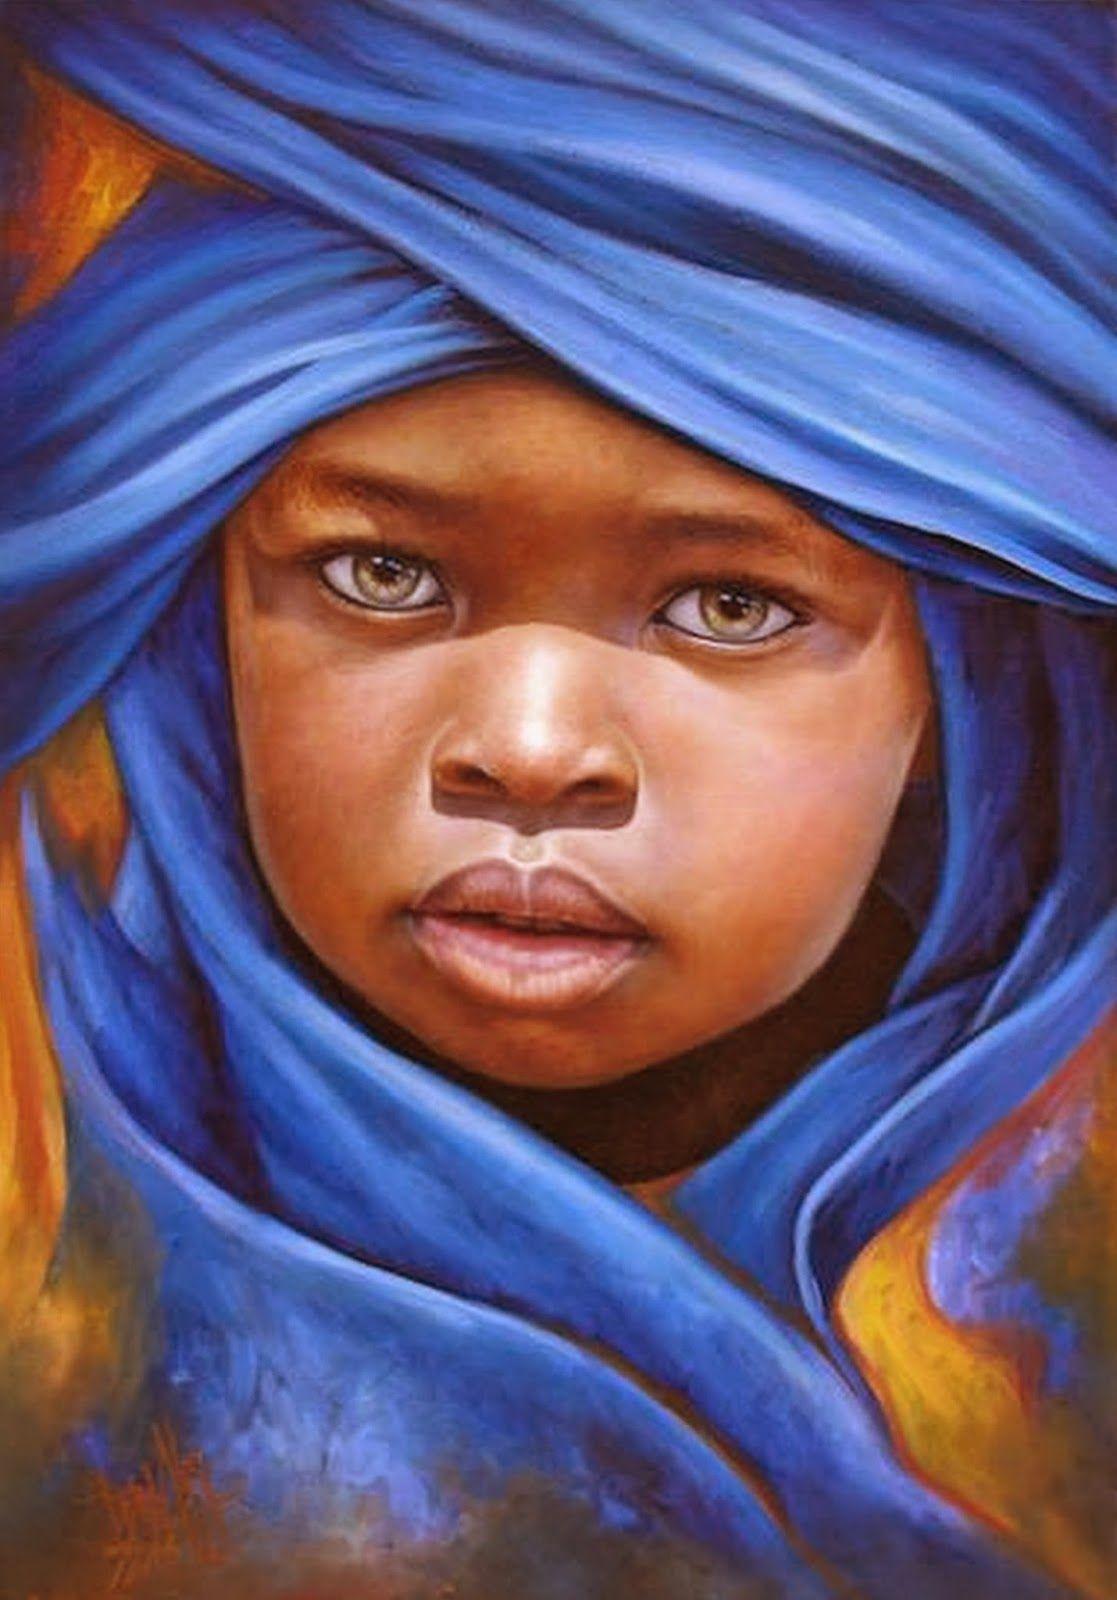 Pintura Y Fotografía Artística Rostros Africanos Al Oleo Hiperrealismo Artístico African American Art Black Art American Art